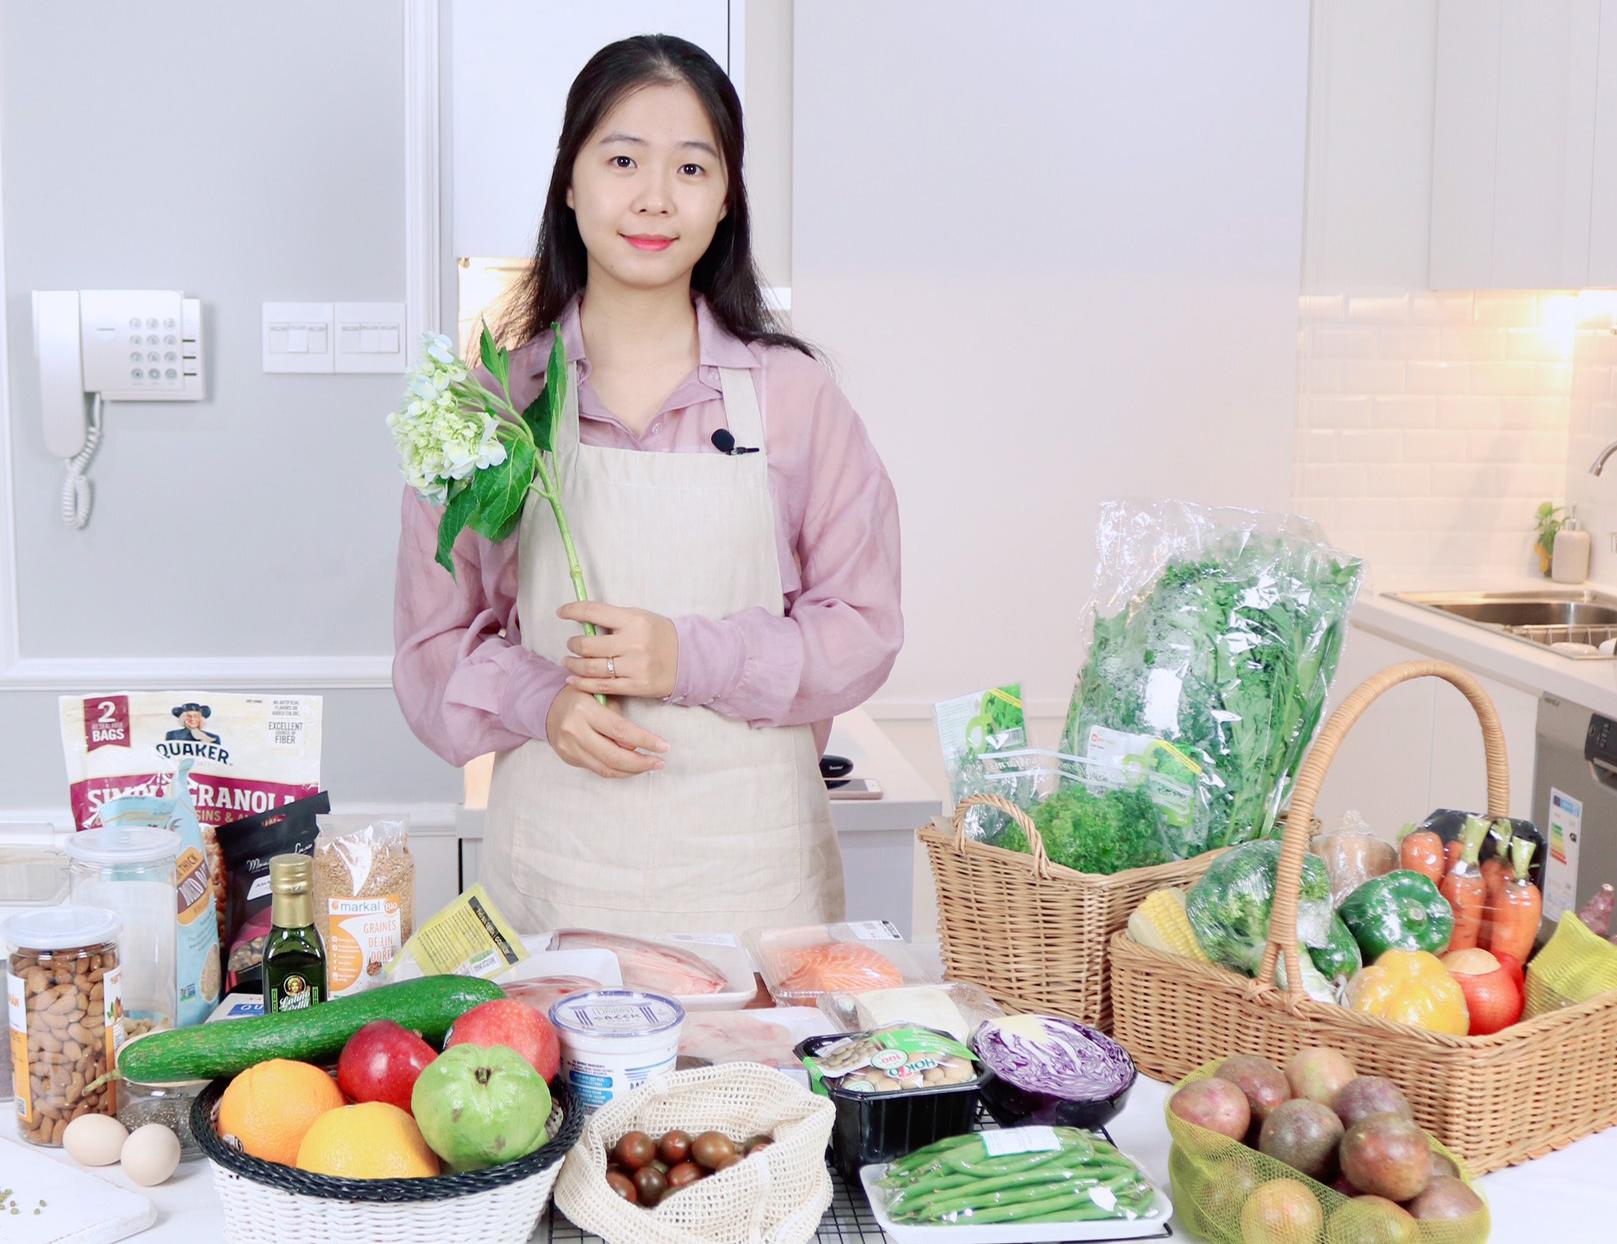 Nguyễn Thao sở hữu kênh Youtube riêng chuyên về đồ ăn lành mạnh.